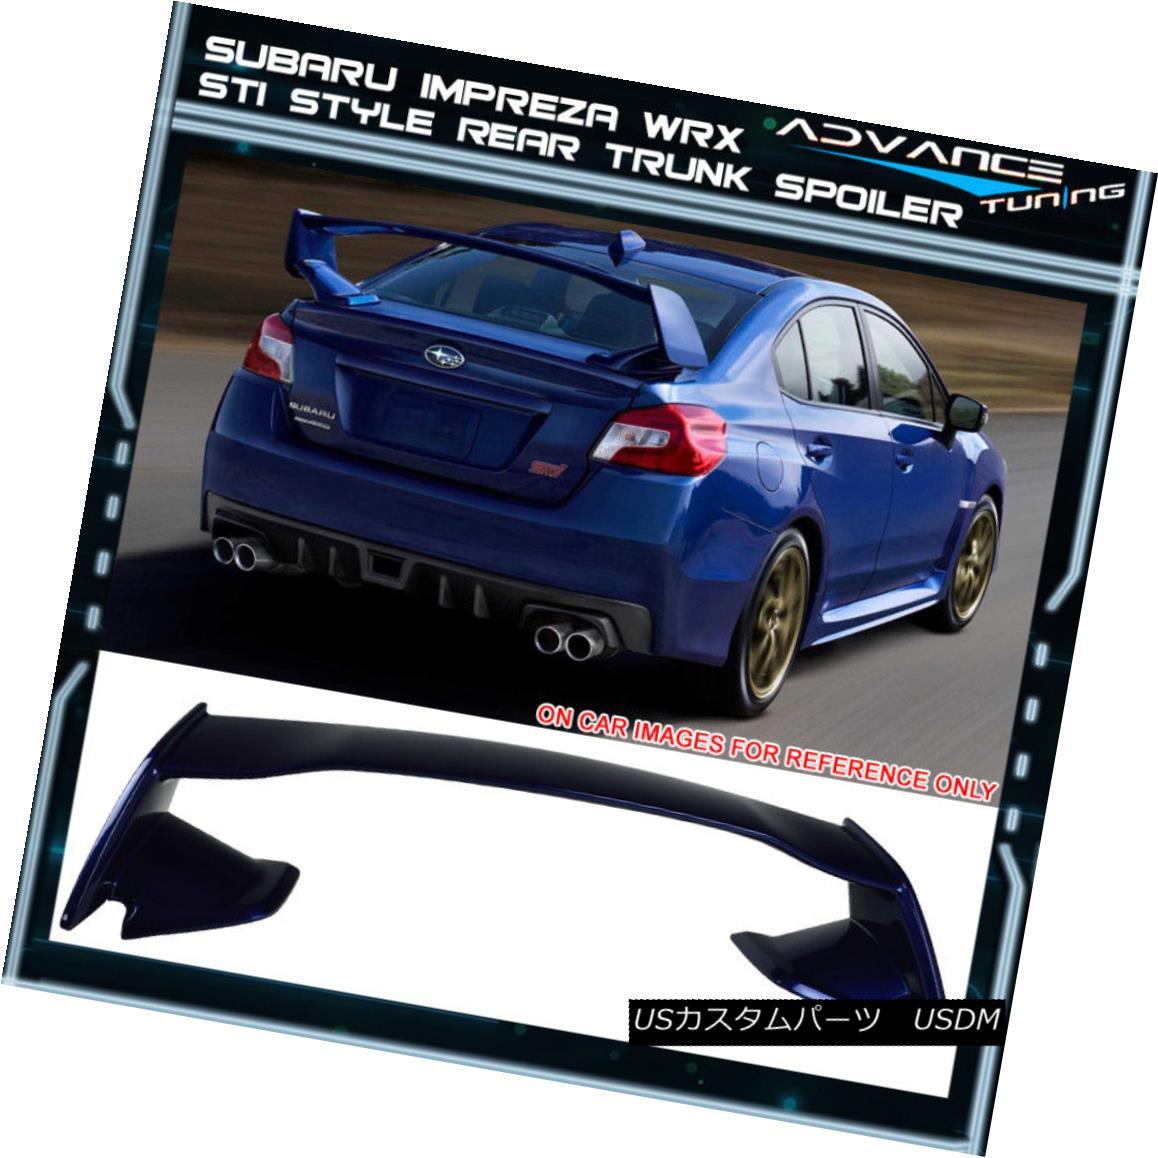 エアロパーツ Fits 15-18 Subaru WRX STI Style Trunk Spoiler Painted Galaxy Blue Metallic # E8H フィット15-18スバルWRX STIスタイルトランクスポイラーペイントギャラクシーブルーメタリック#E8H